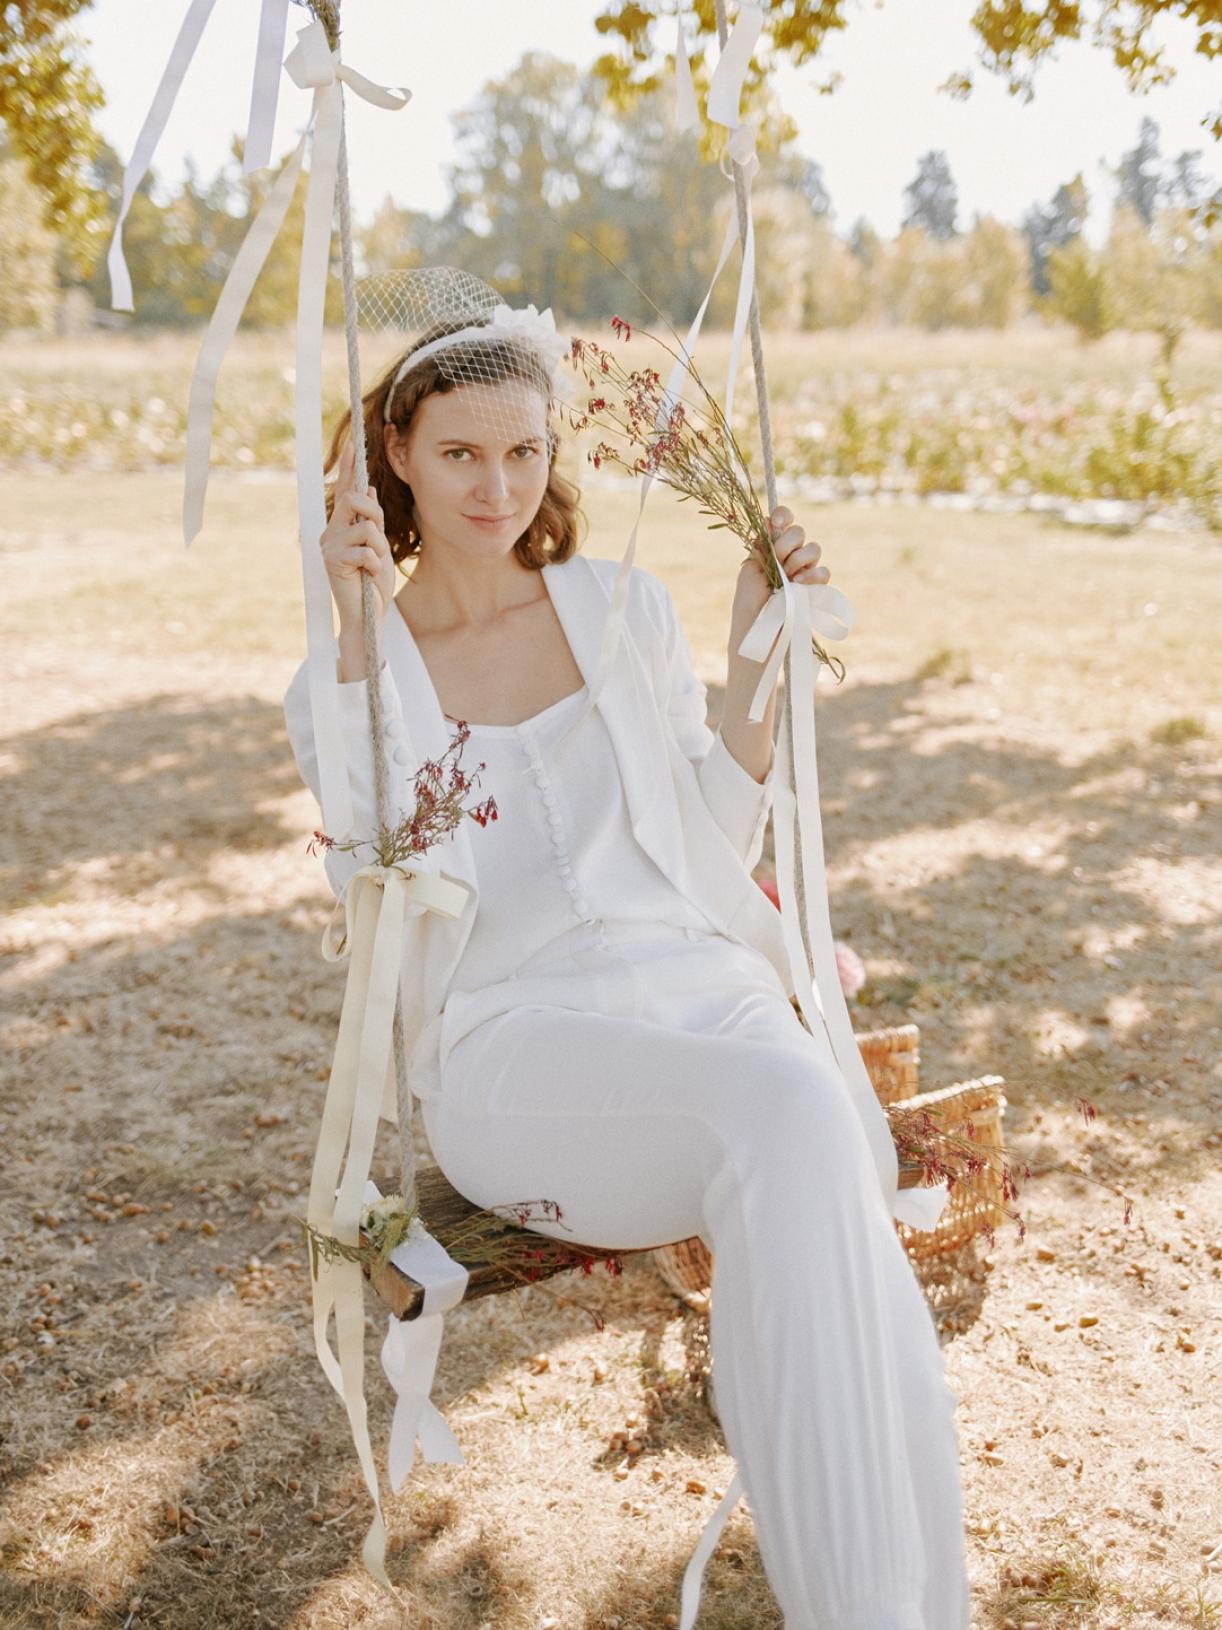 Pantalon tailleur de mariée écoresponsable - Creatrice de robe de mariée éthique eet bio a Paris - Myphilosophy